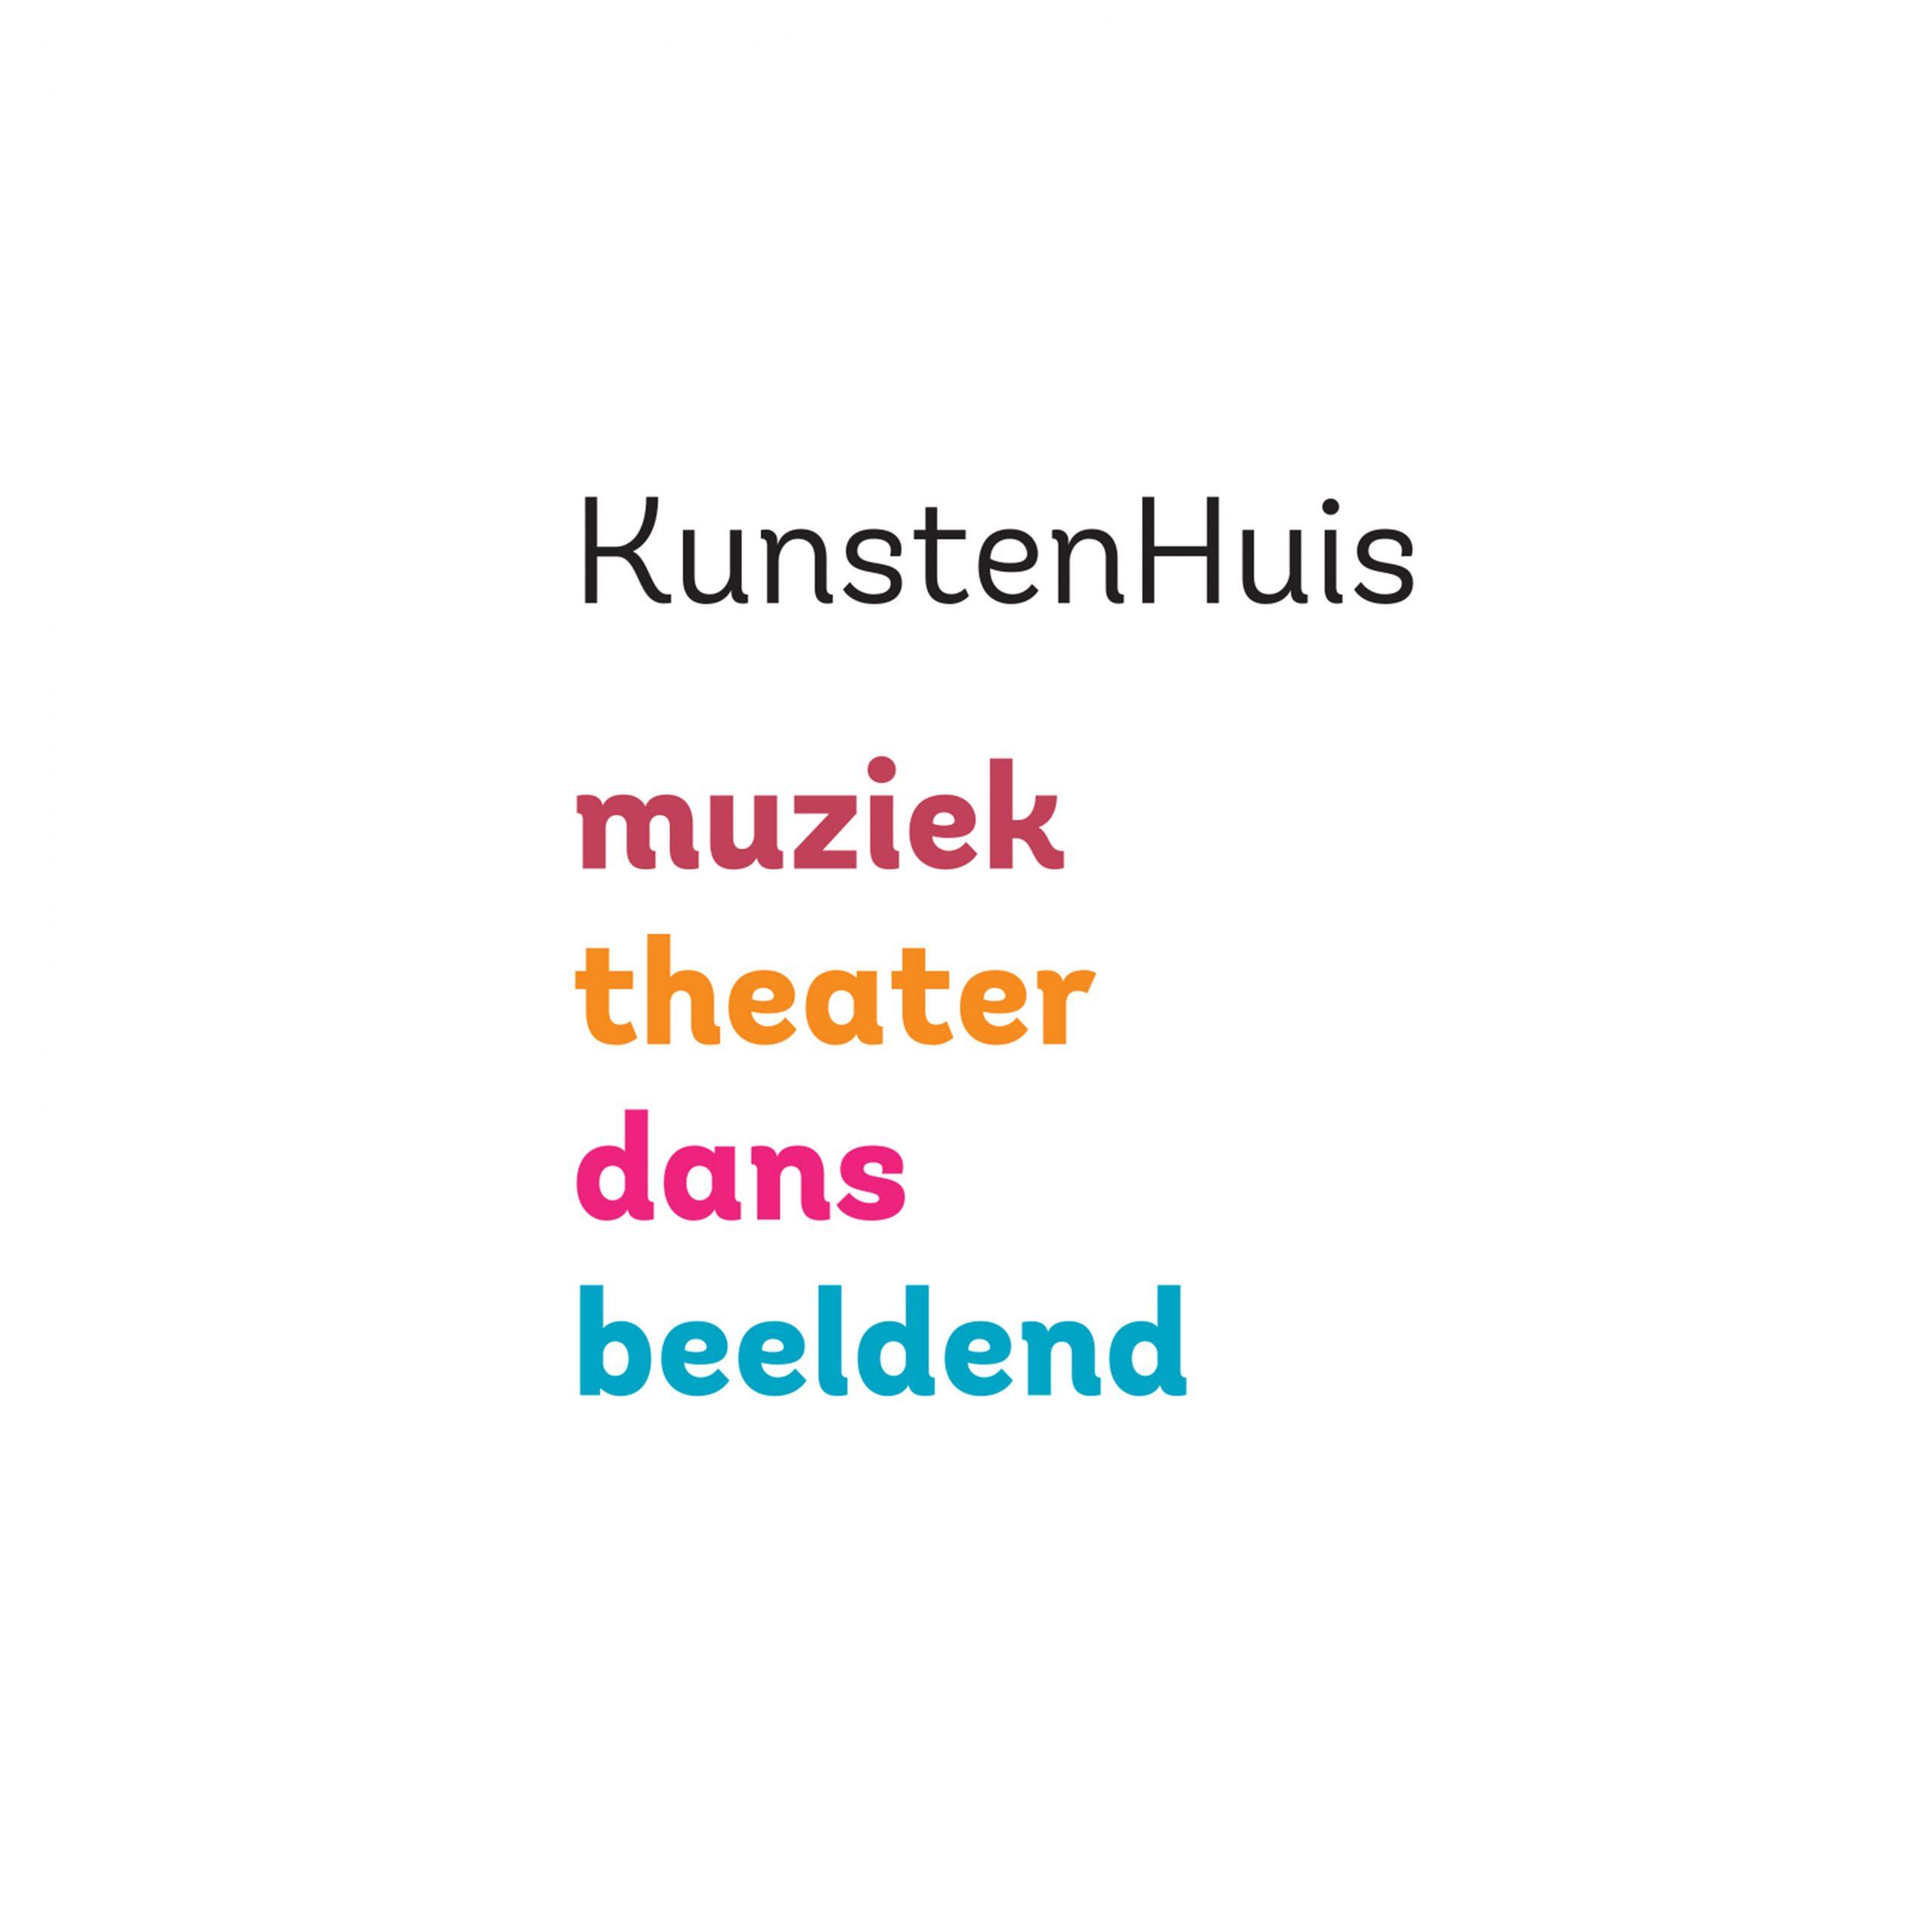 KunstenHuis